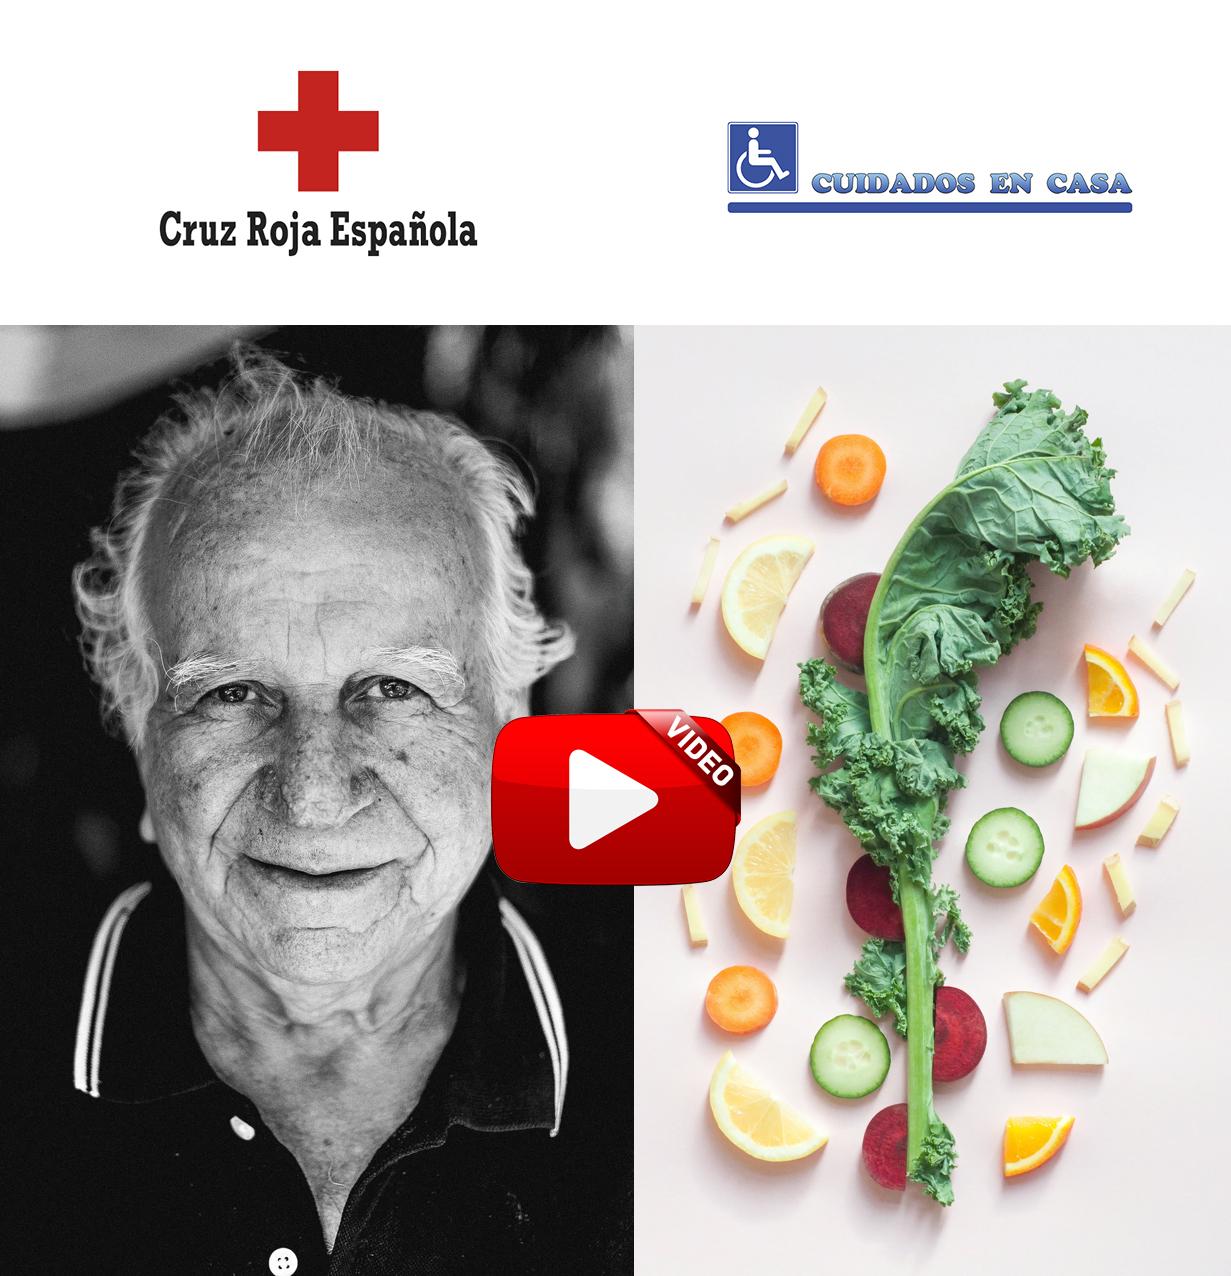 Consejos para Cuidadores y Alimentación según Cruz Roja Española Videos